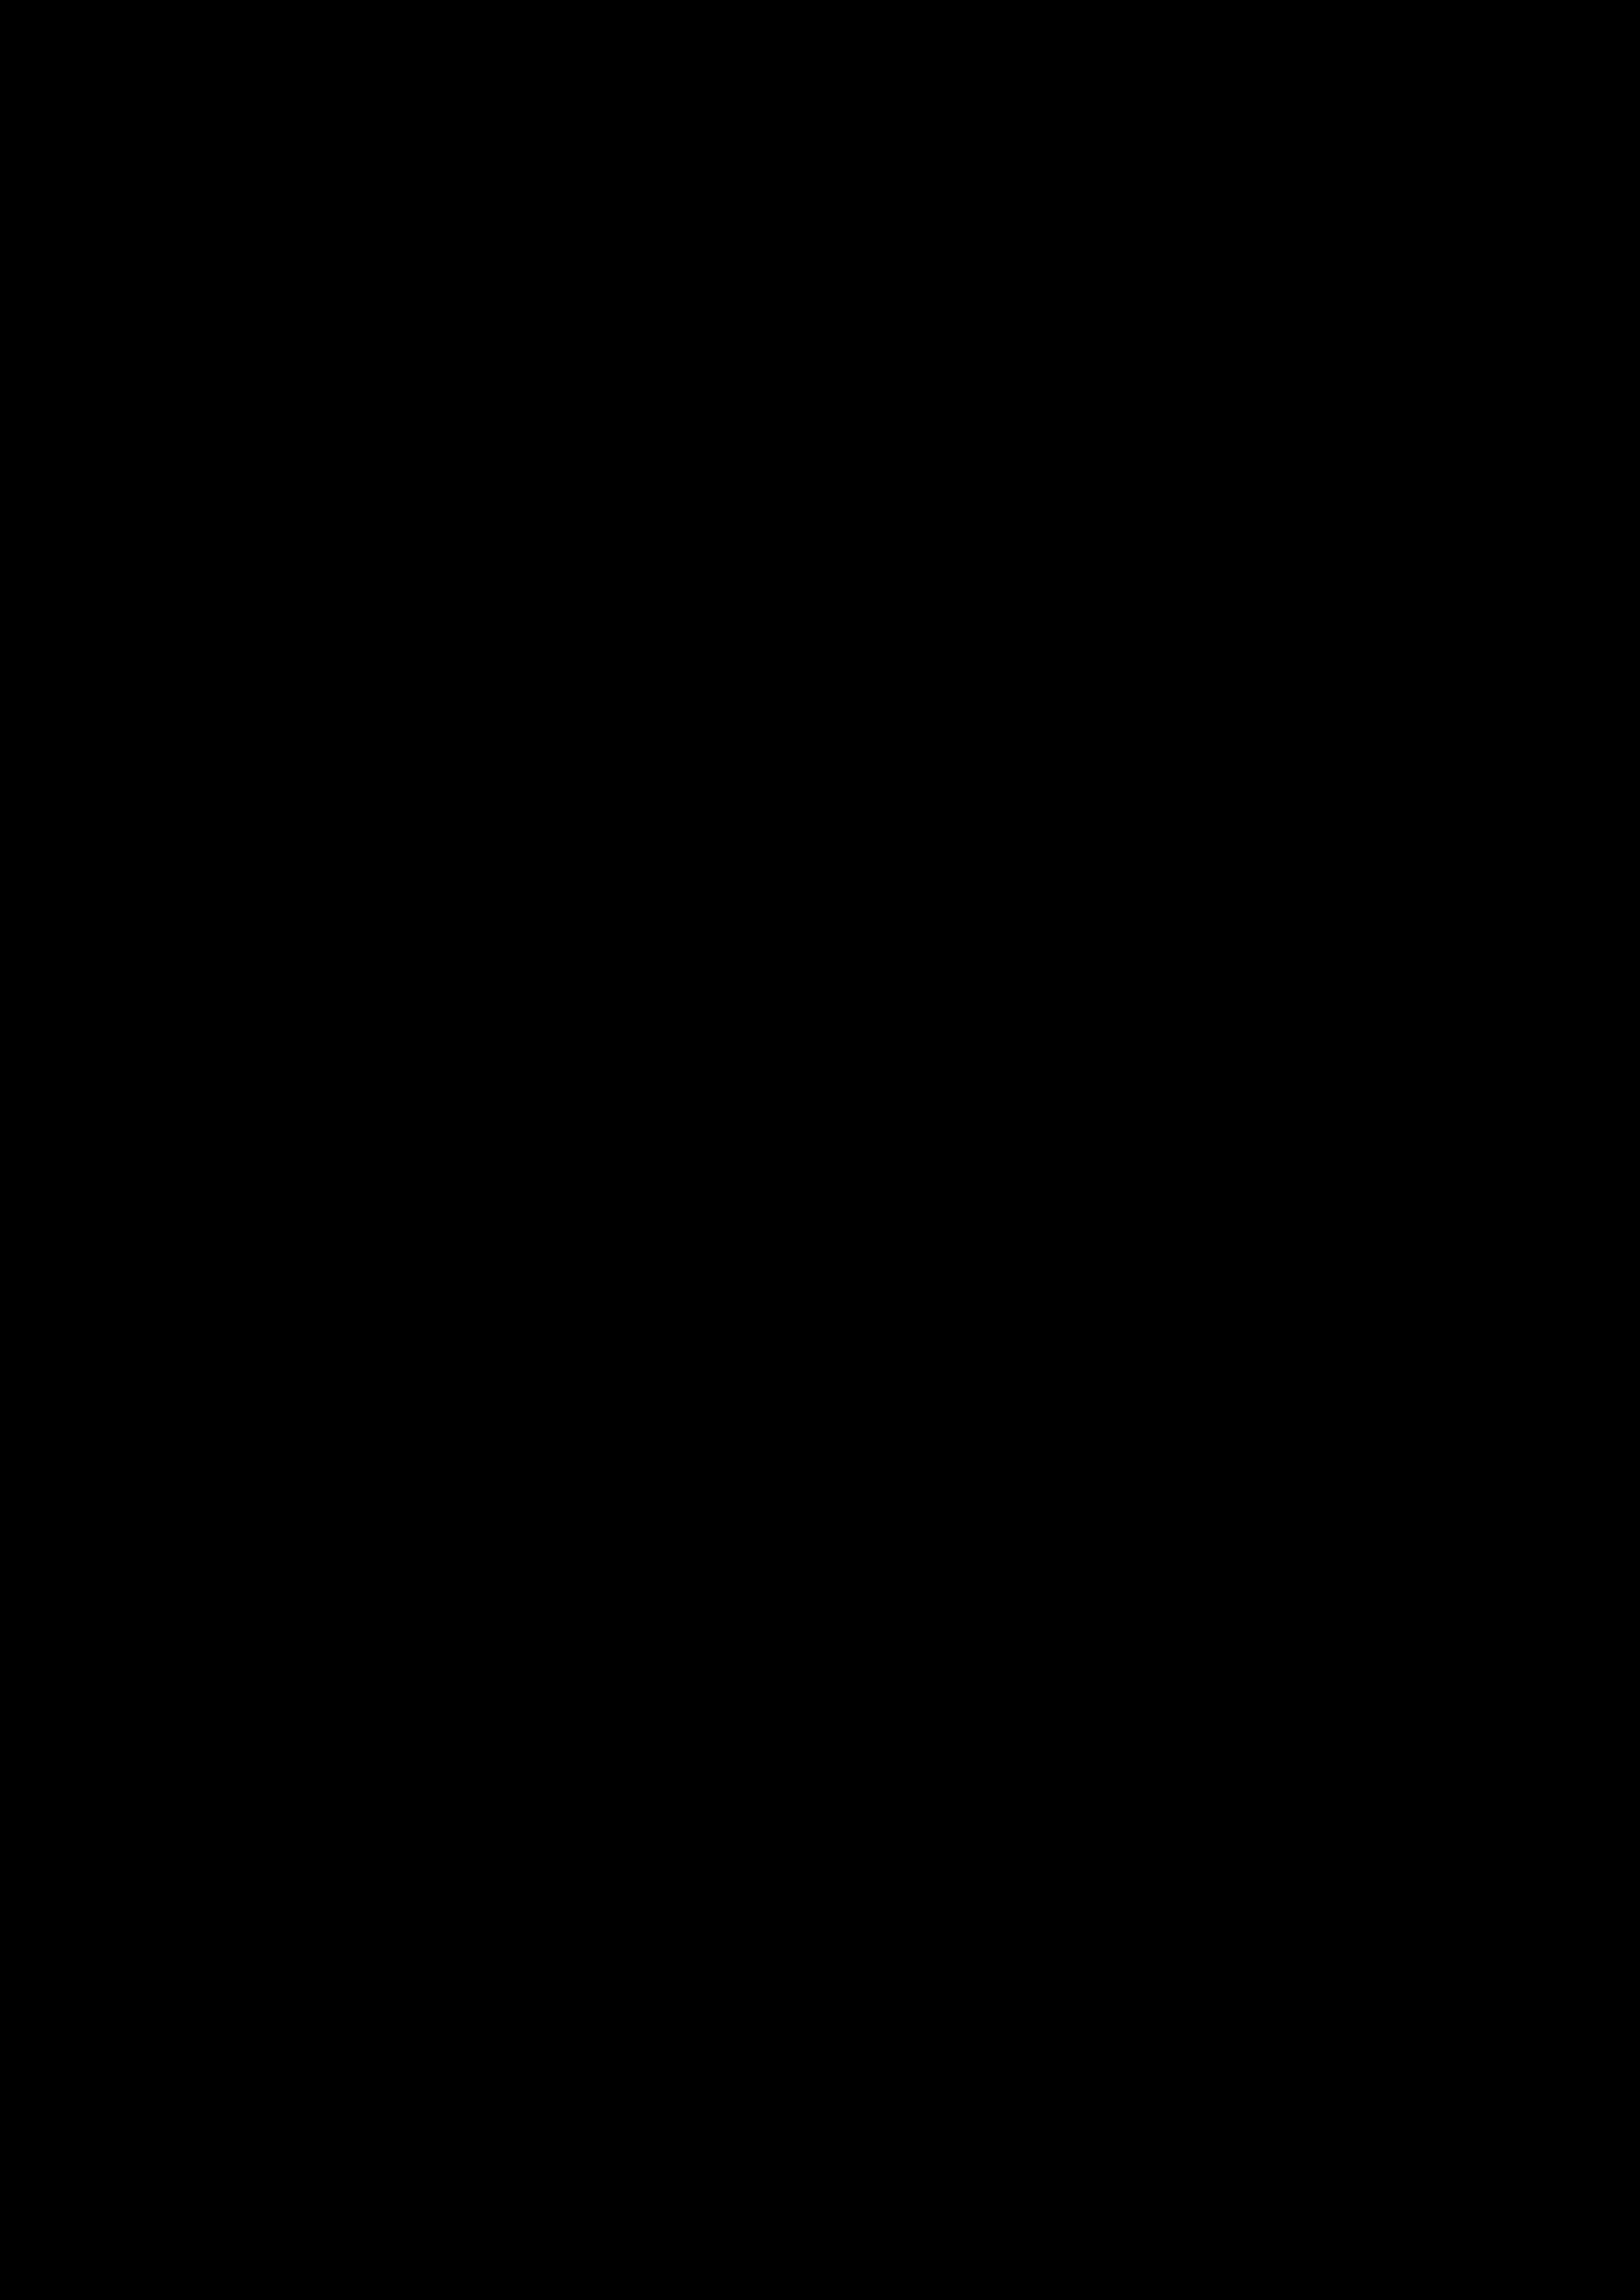 Dagger woodcut